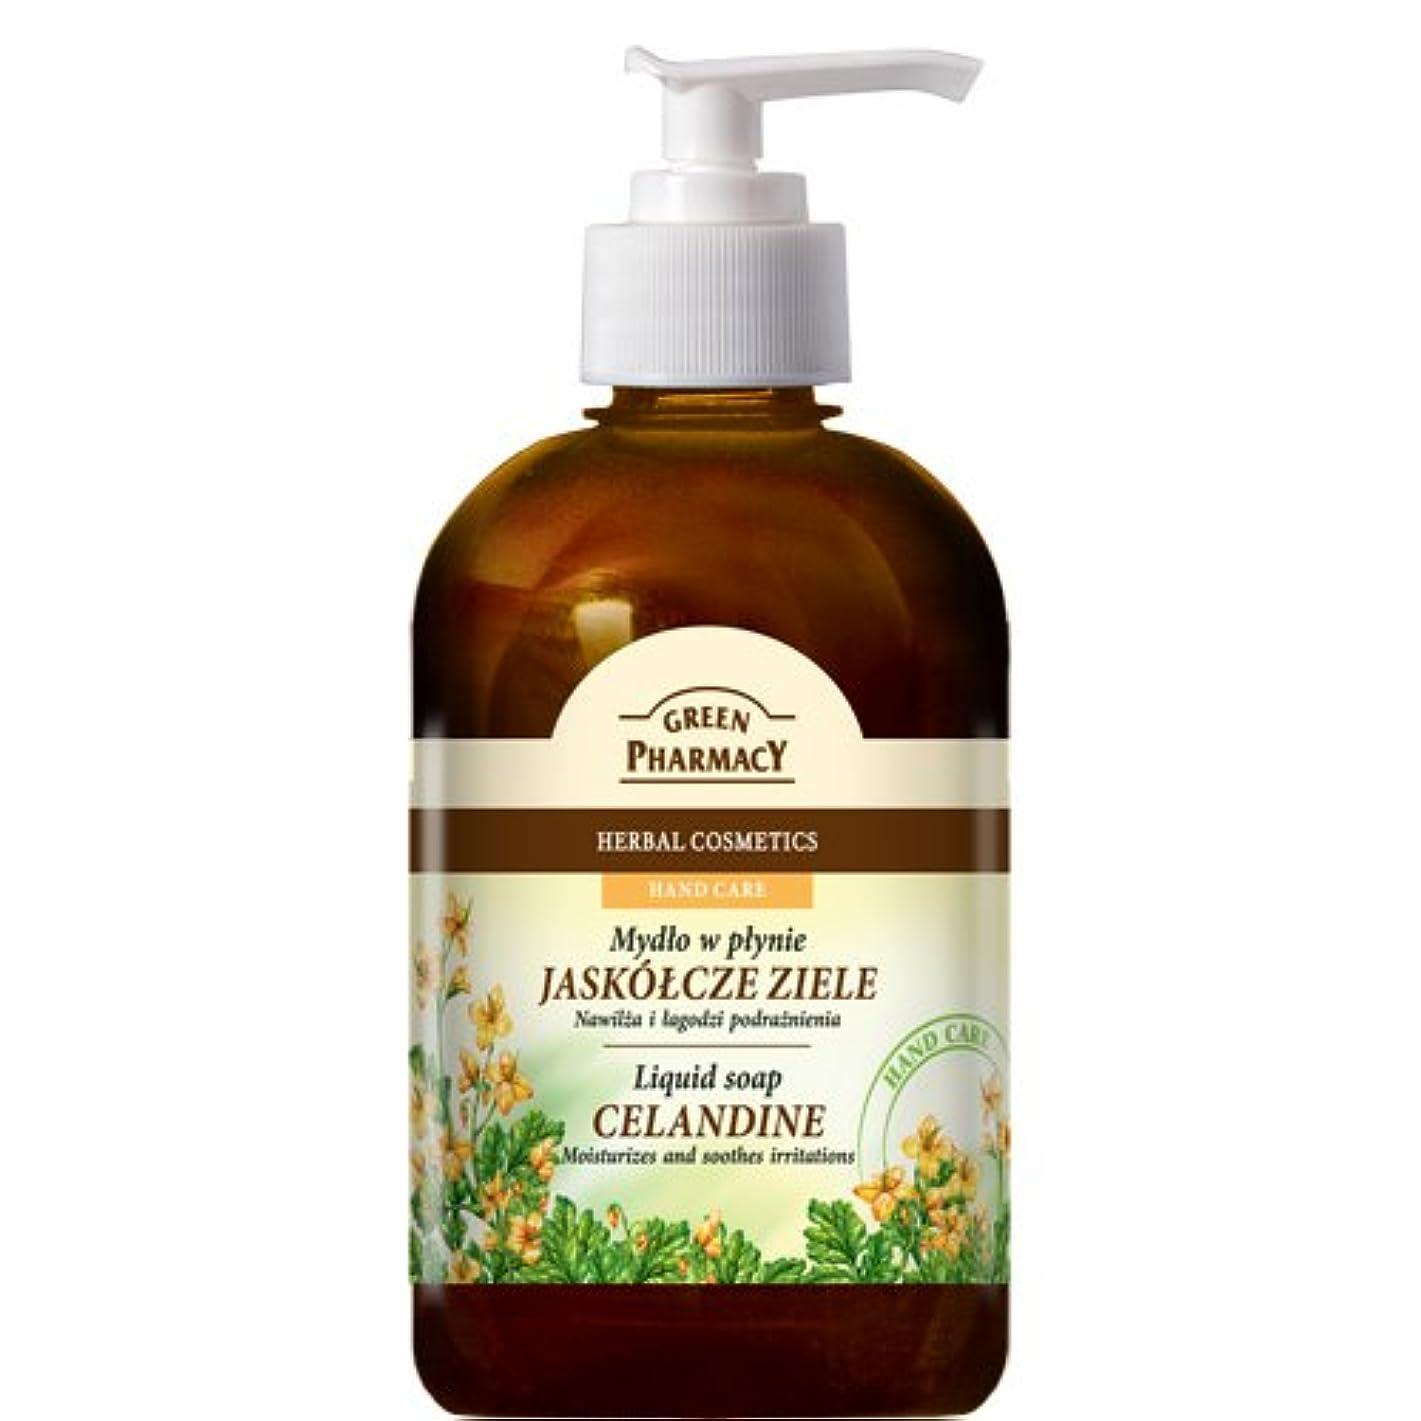 リーク宮殿パンElfa Pharm Green Pharmacy グリーンファーマシー Liquid Soap リキッドソープ Celandine クサノオウ